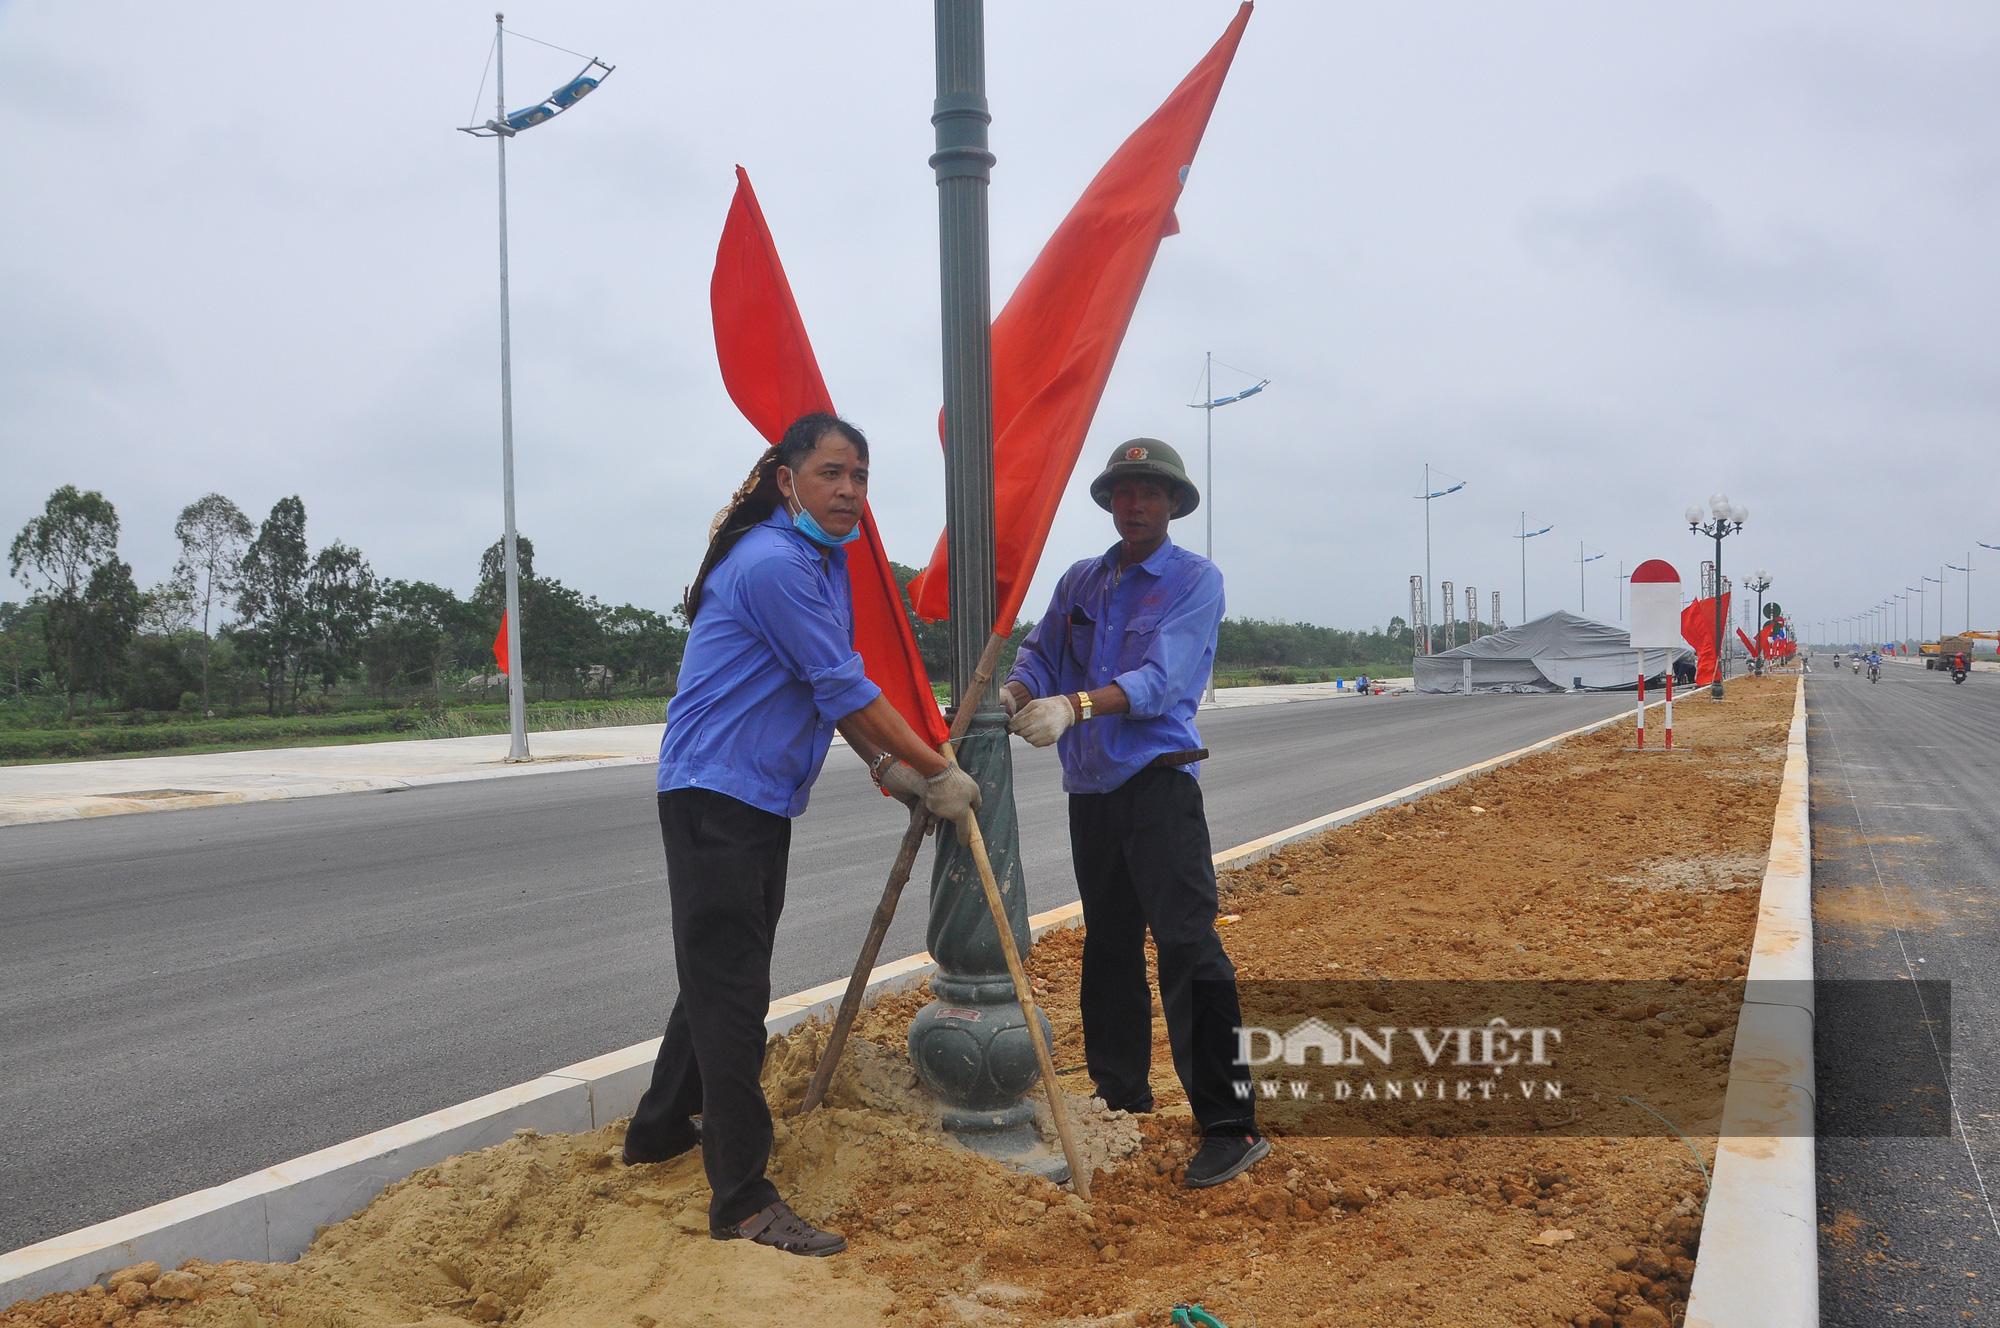 Cận cảnh dự án đường ven biển Nghi Sơn - Sầm Sơn có tổng mức đầu tư hơn 1.479 tỷ đồng trước ngày thông tuyến - Ảnh 9.